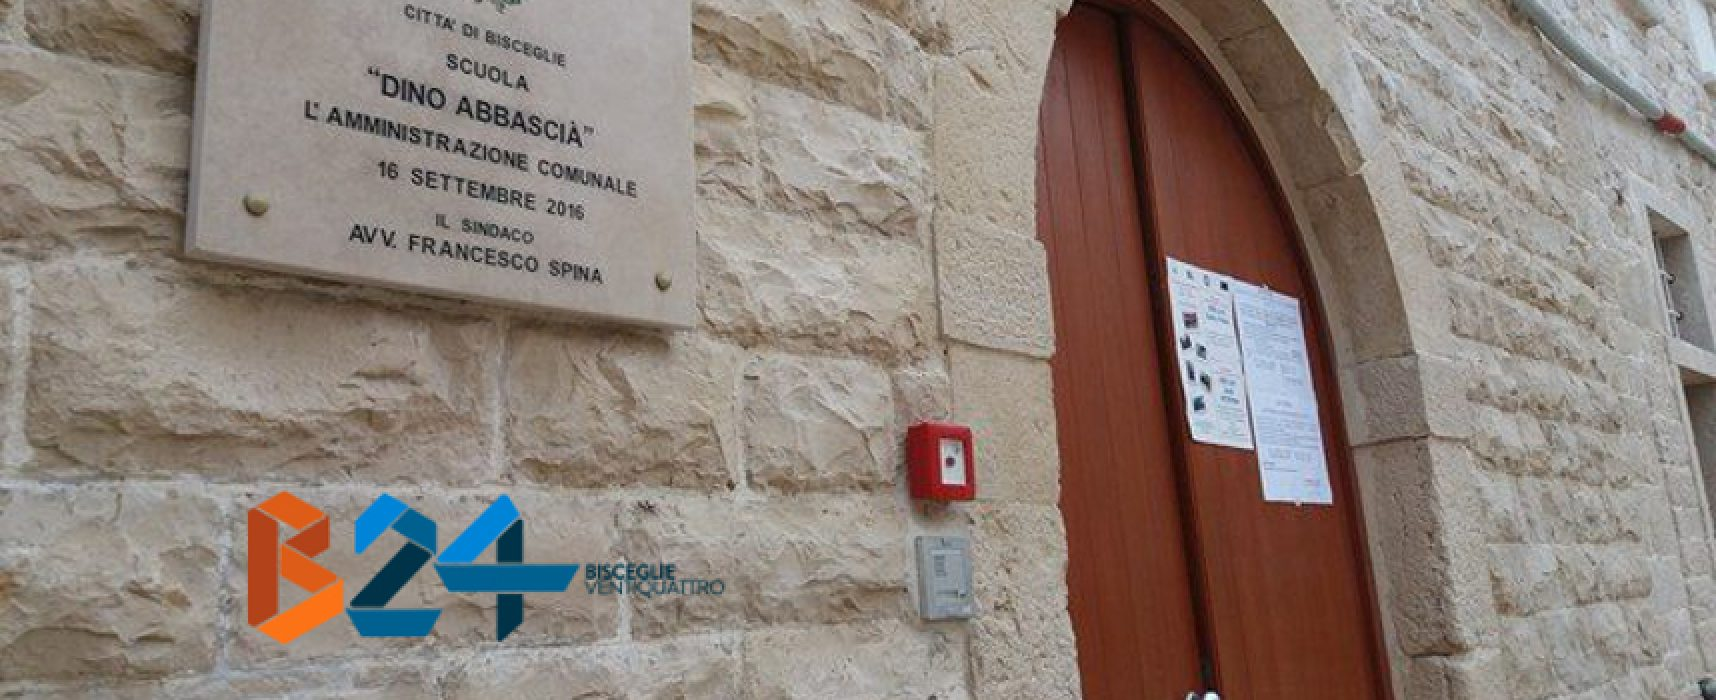 """""""Natale con i tuoi"""", progetto artistico e open day della scuola primaria """"Dino Abbascià"""""""